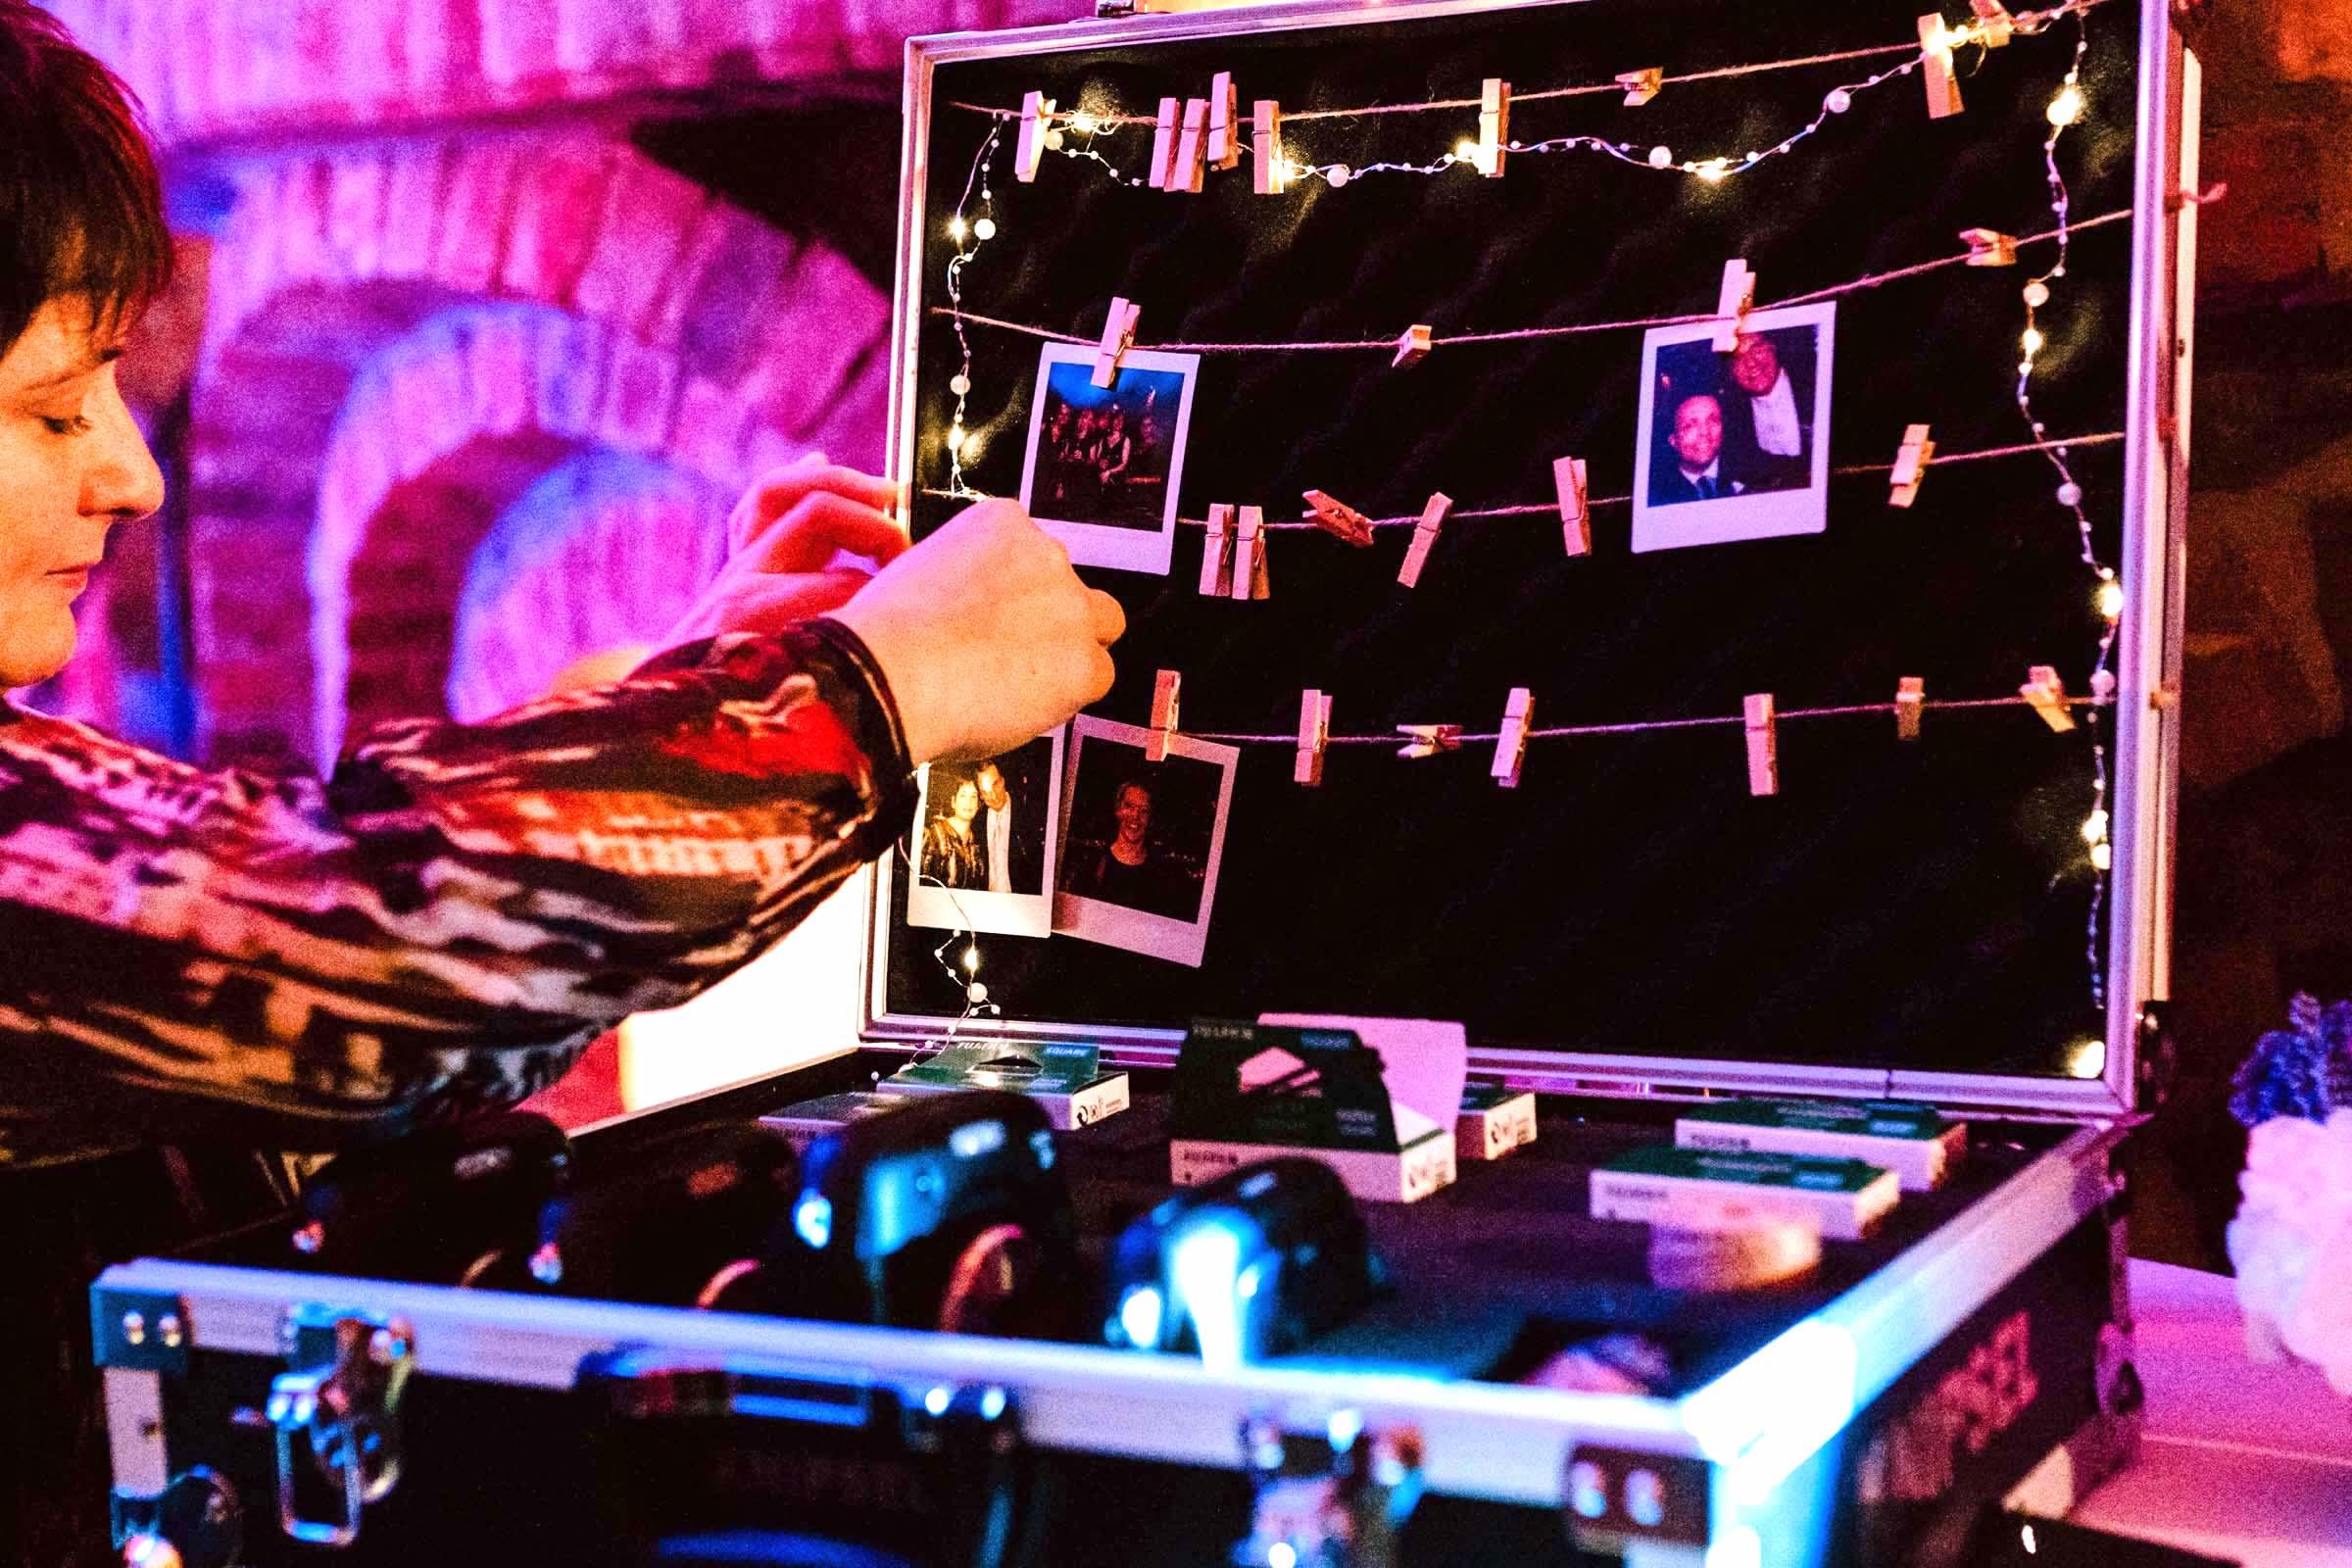 Polaroid   Kamera   Set   Event   Mieten   Koffer   Bilder   Instax   Leihen   Event   Feier   Hochzeit   Wedding   Sofortbild   Knipsel